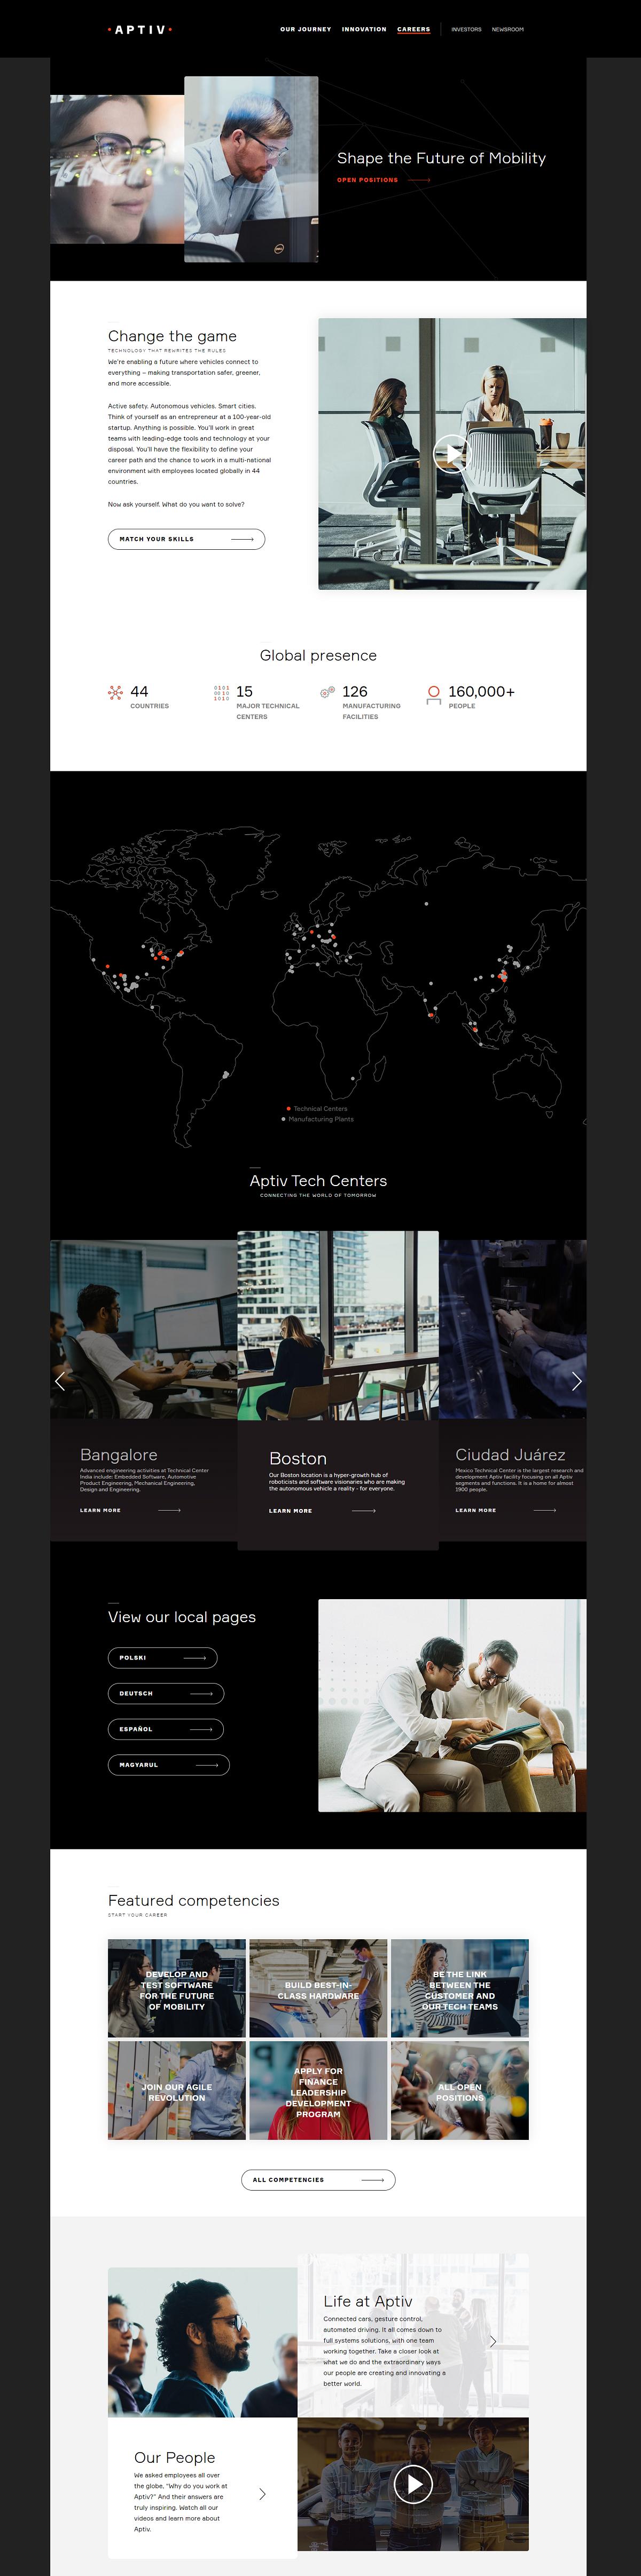 Aptiv career page